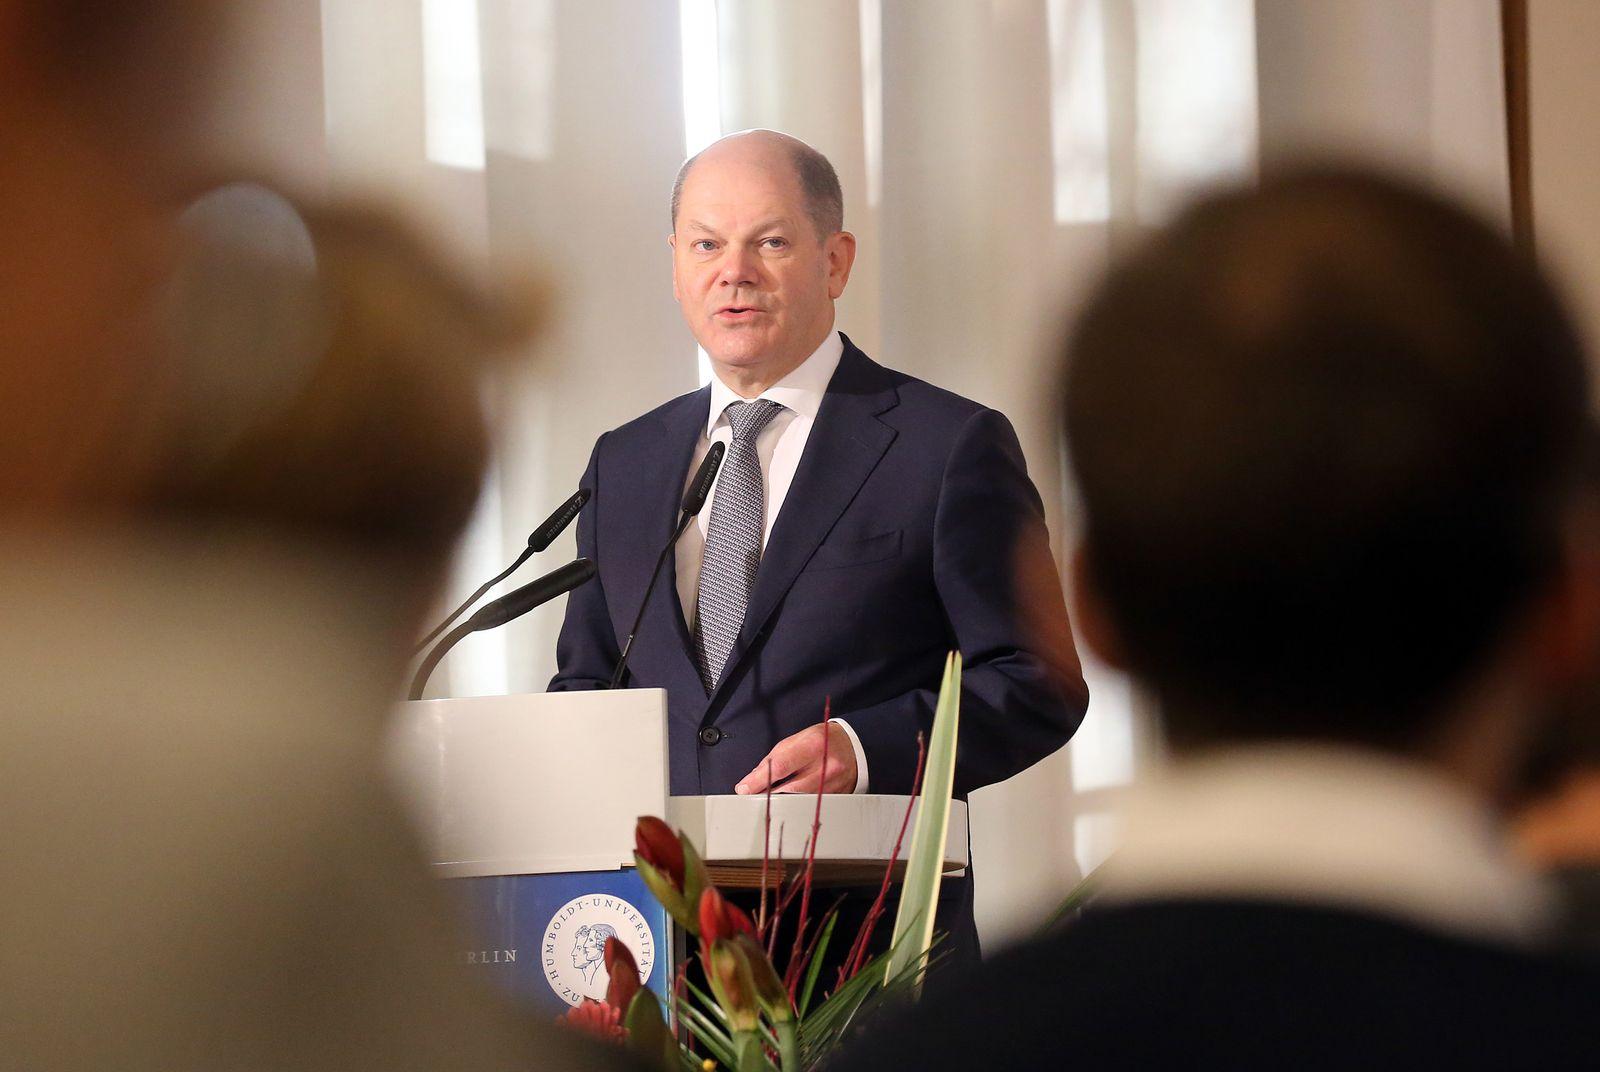 Finanzminister Scholz an der Humboldt-Universität